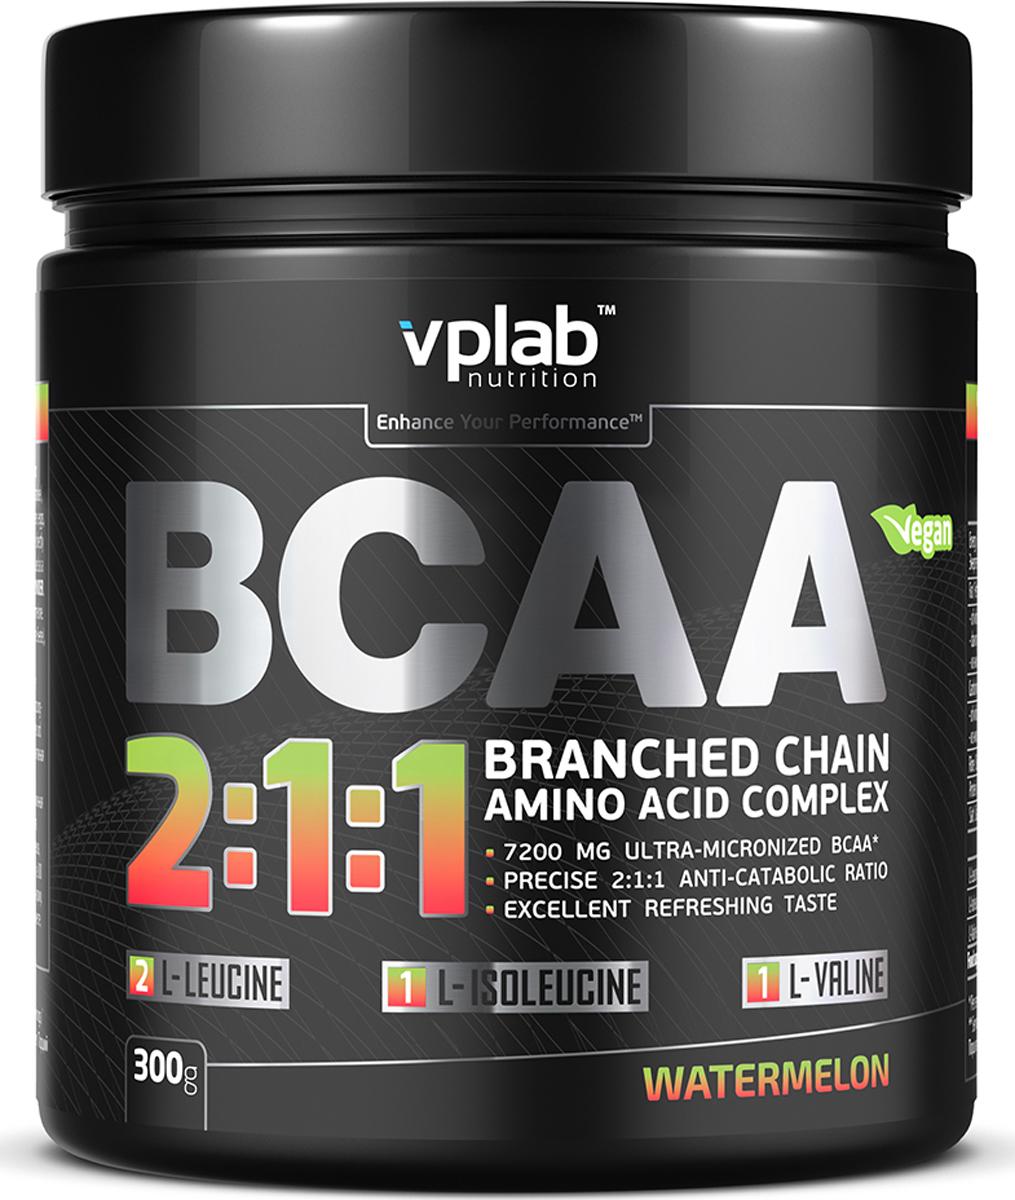 """Аминокислотный комплекс Vplab """"BCAA 2:1:1"""" - ультрамикронизированные незаменимые аминокислоты с разветвленными цепочками (BCAA) нового поколения. Отличительными их особенностями являются наилучшая растворимость, быстрое усвоение и отсутствие горечи. Общеизвестно, что аминокислоты BCAA повышают работоспособность, а также помогают в восстановлении организма после тренировок. При этом антикатаболическое соотношение аминокислот лейцин - изолейцин - валин 2:1:1 является наиболее оптимальным для предотвращения распада мышечной ткани, особенно в процессе похудения. Для наилучшего результата рекомендуется принимать аминокислоты BCAA до и после тренировки. Рекомендации по применению: одну порцию до тренировки.  Рекомендации по приготовлению: размешать 8 г порошка в 300 мл воды.   Товар сертифицирован.     Как повысить эффективность тренировок с помощью спортивного питания? Статья OZON Гид"""